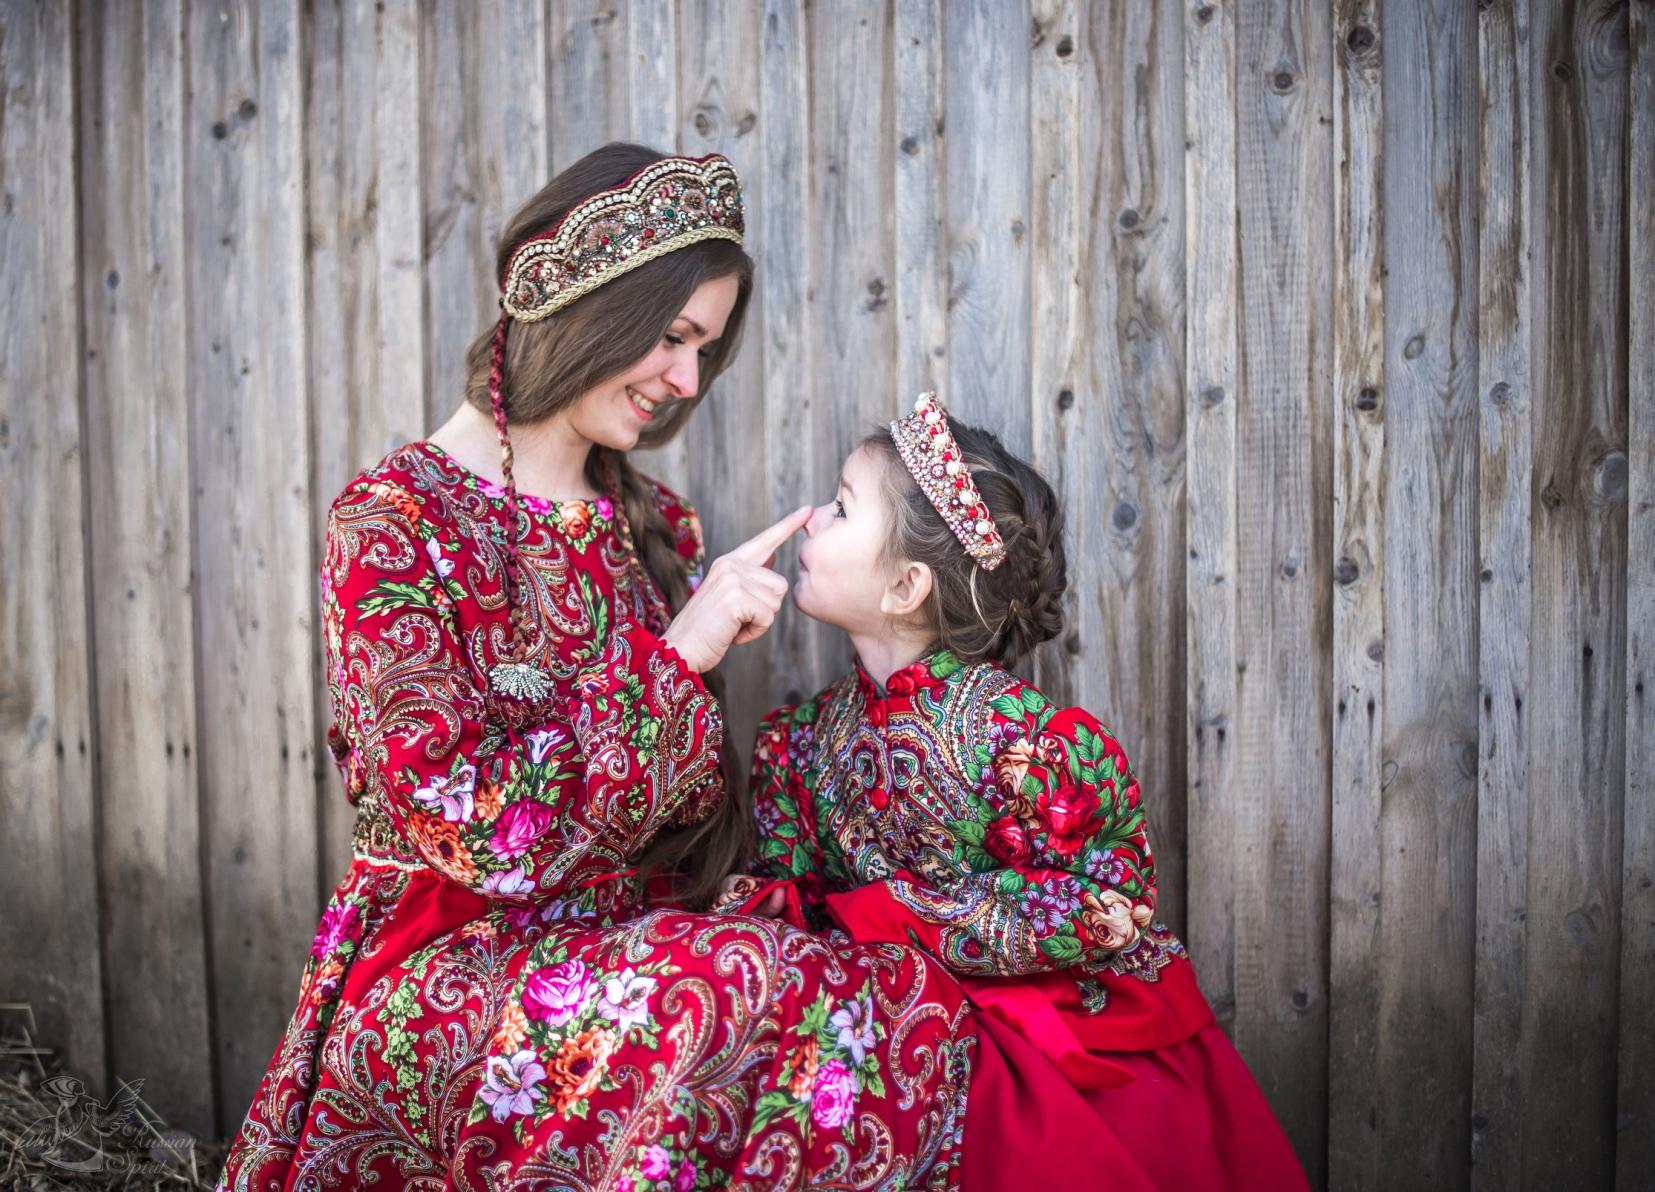 Дочка и мама в платьях в русском стиле